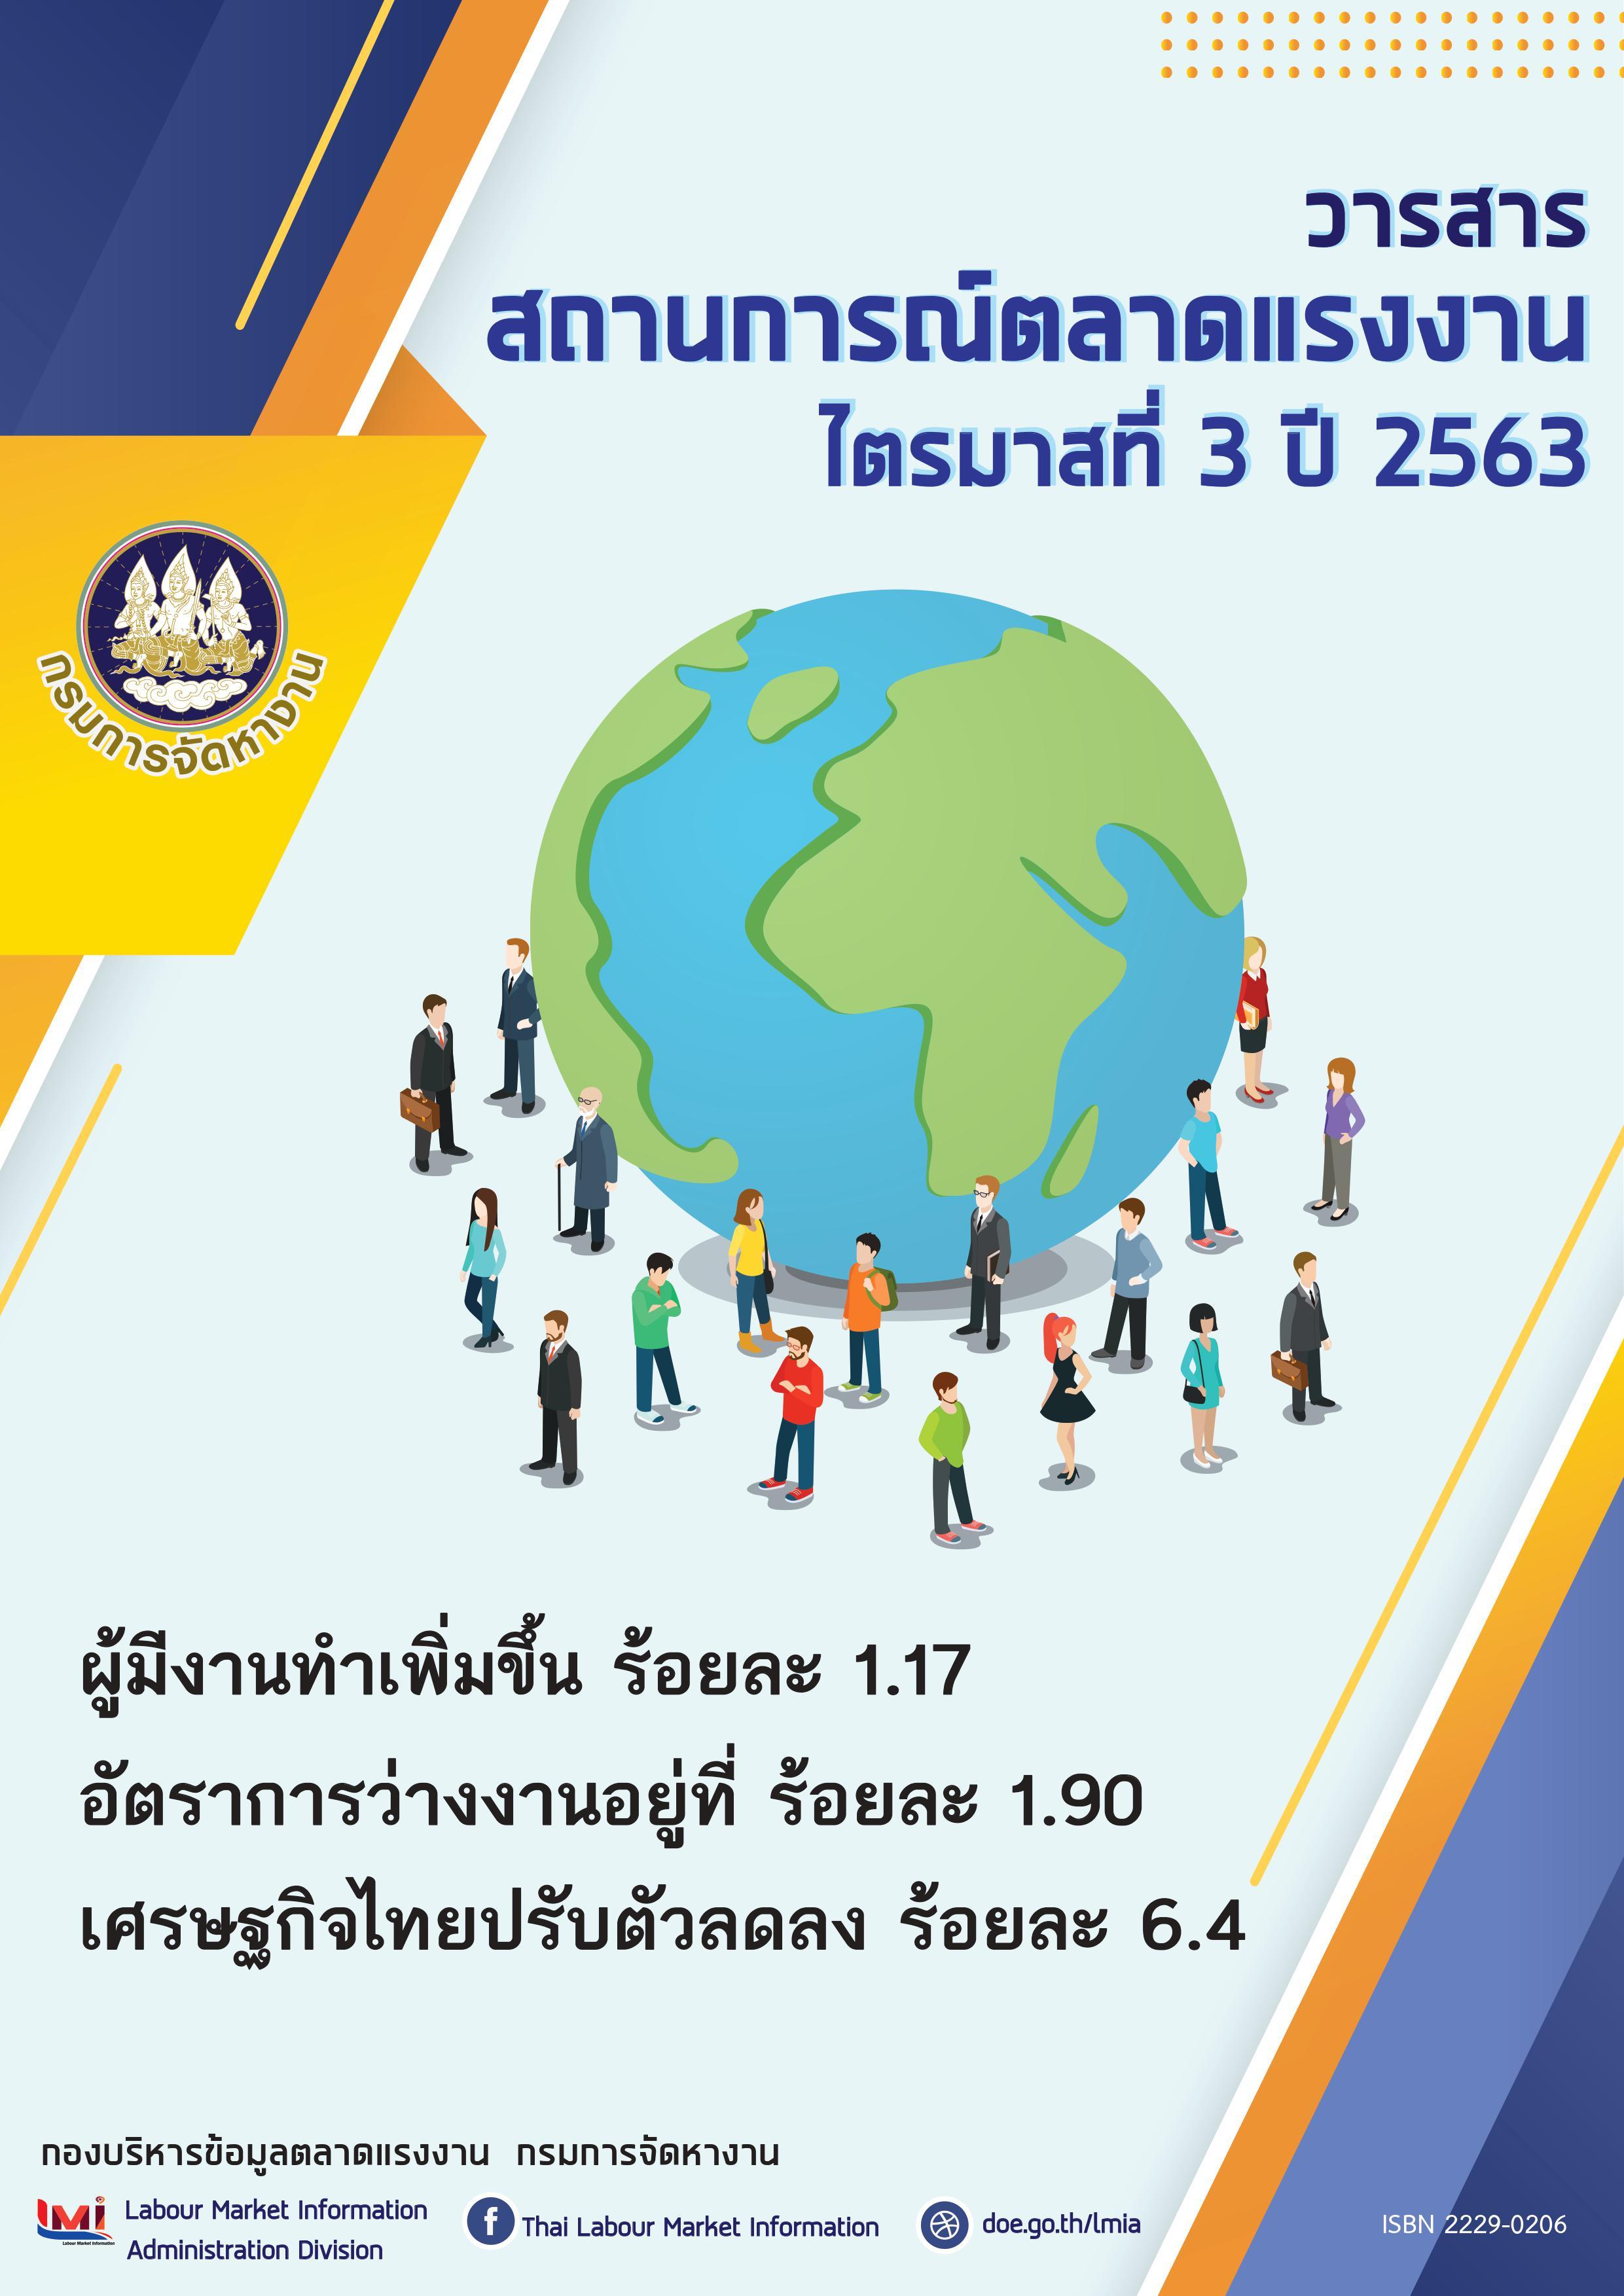 วารสารสถานการณ์ตลาดแรงงานไตรมาสที่ 3/ 2563